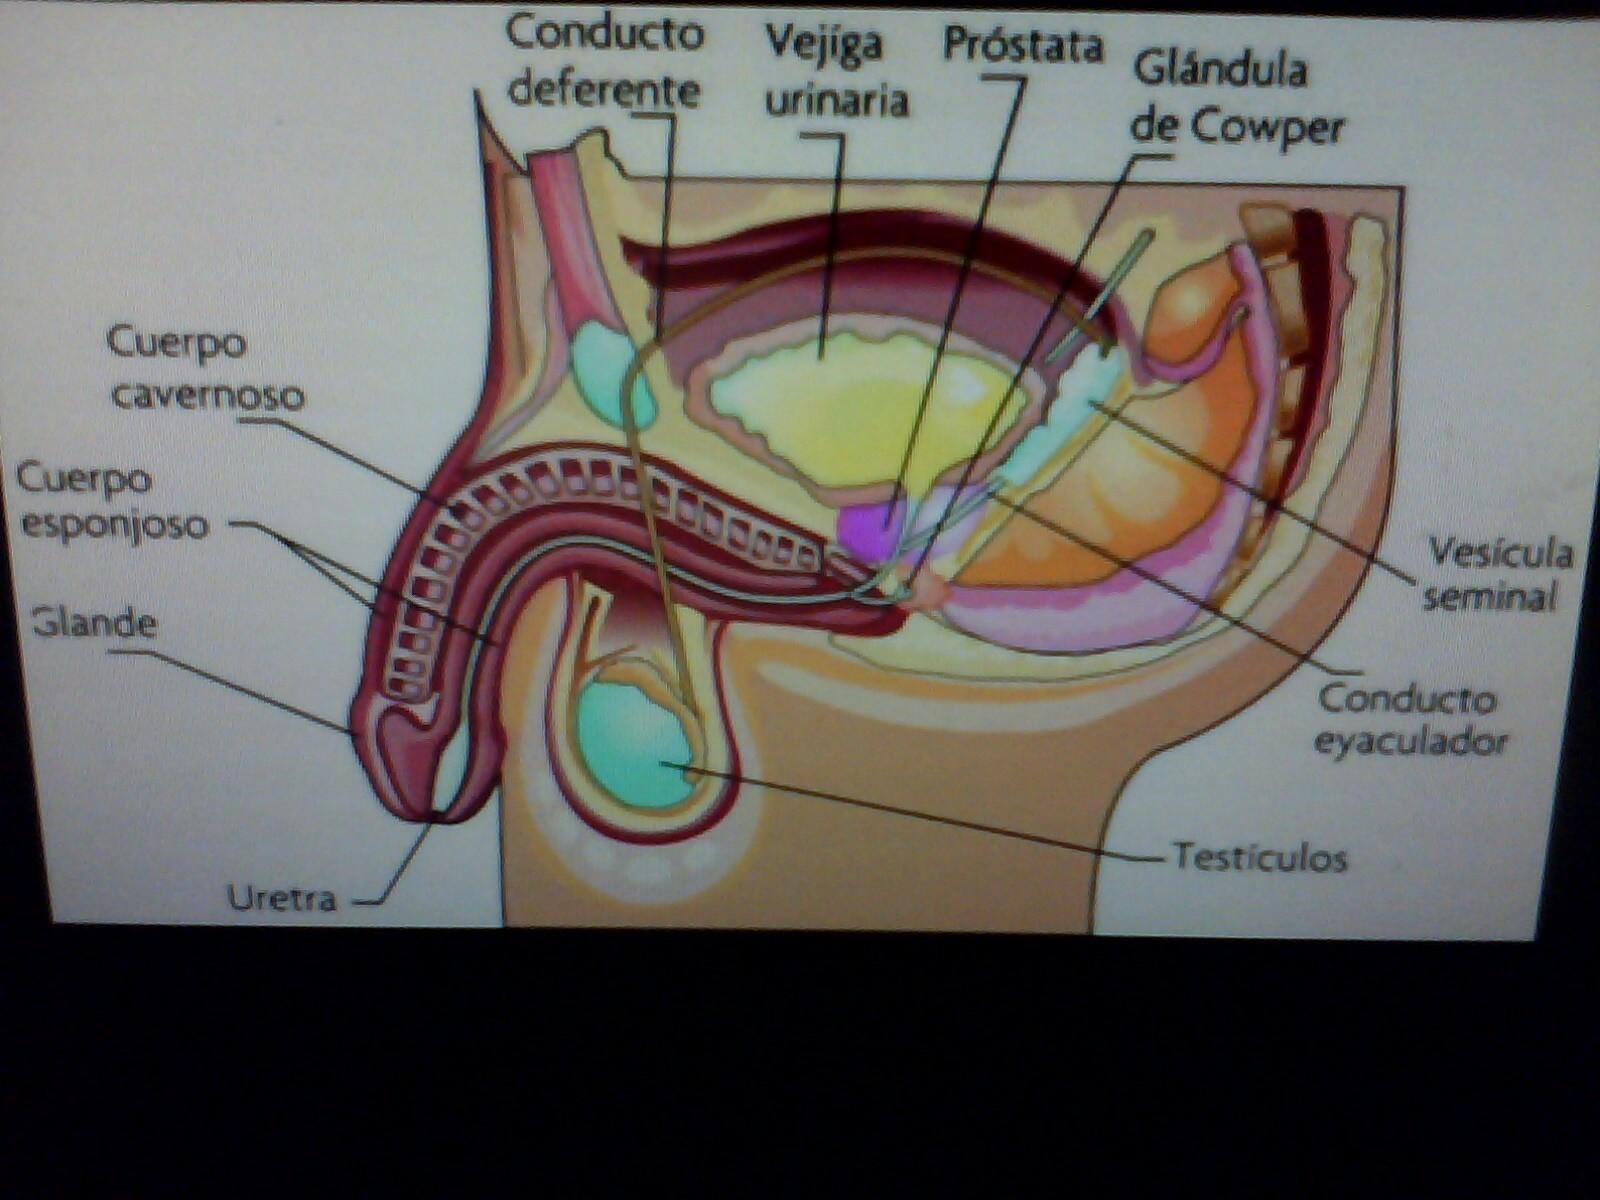 organos internos y externos del aparato reproductor masculino , si ...